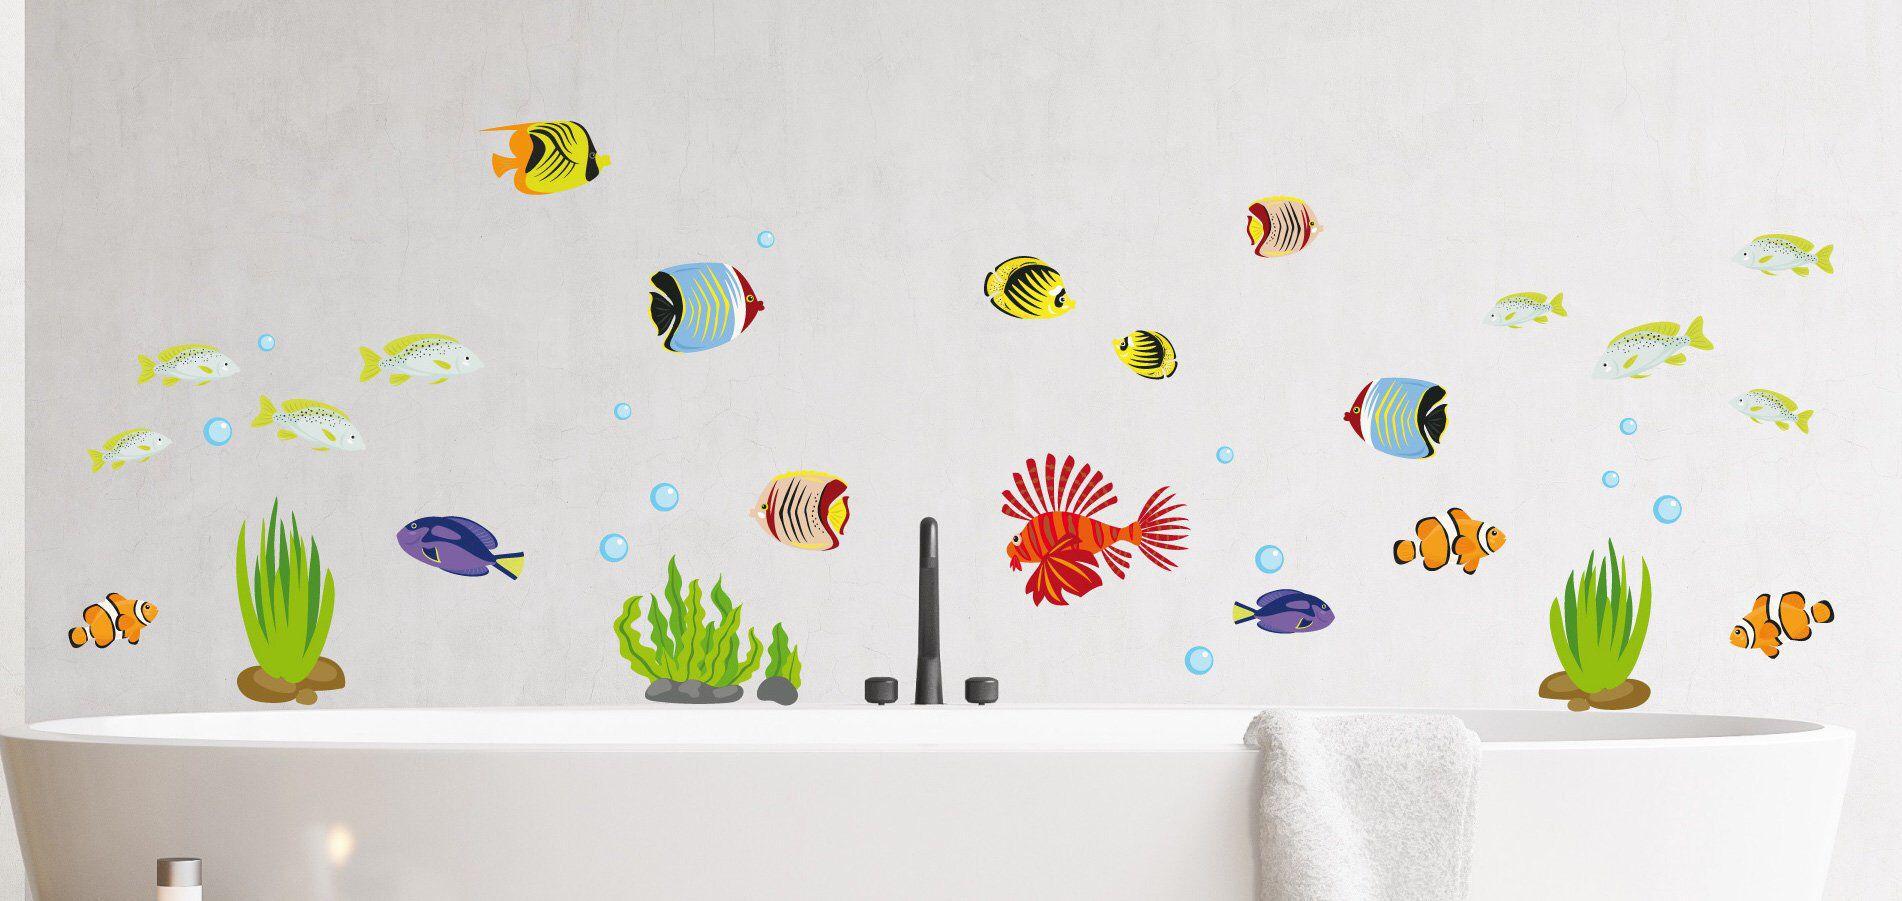 Fische Wandtattoo Wandsticker Aquarium Wandbild Badezimmer Meer Meerestiere A103 Wandsticker Wandtattoos Wandtattoo